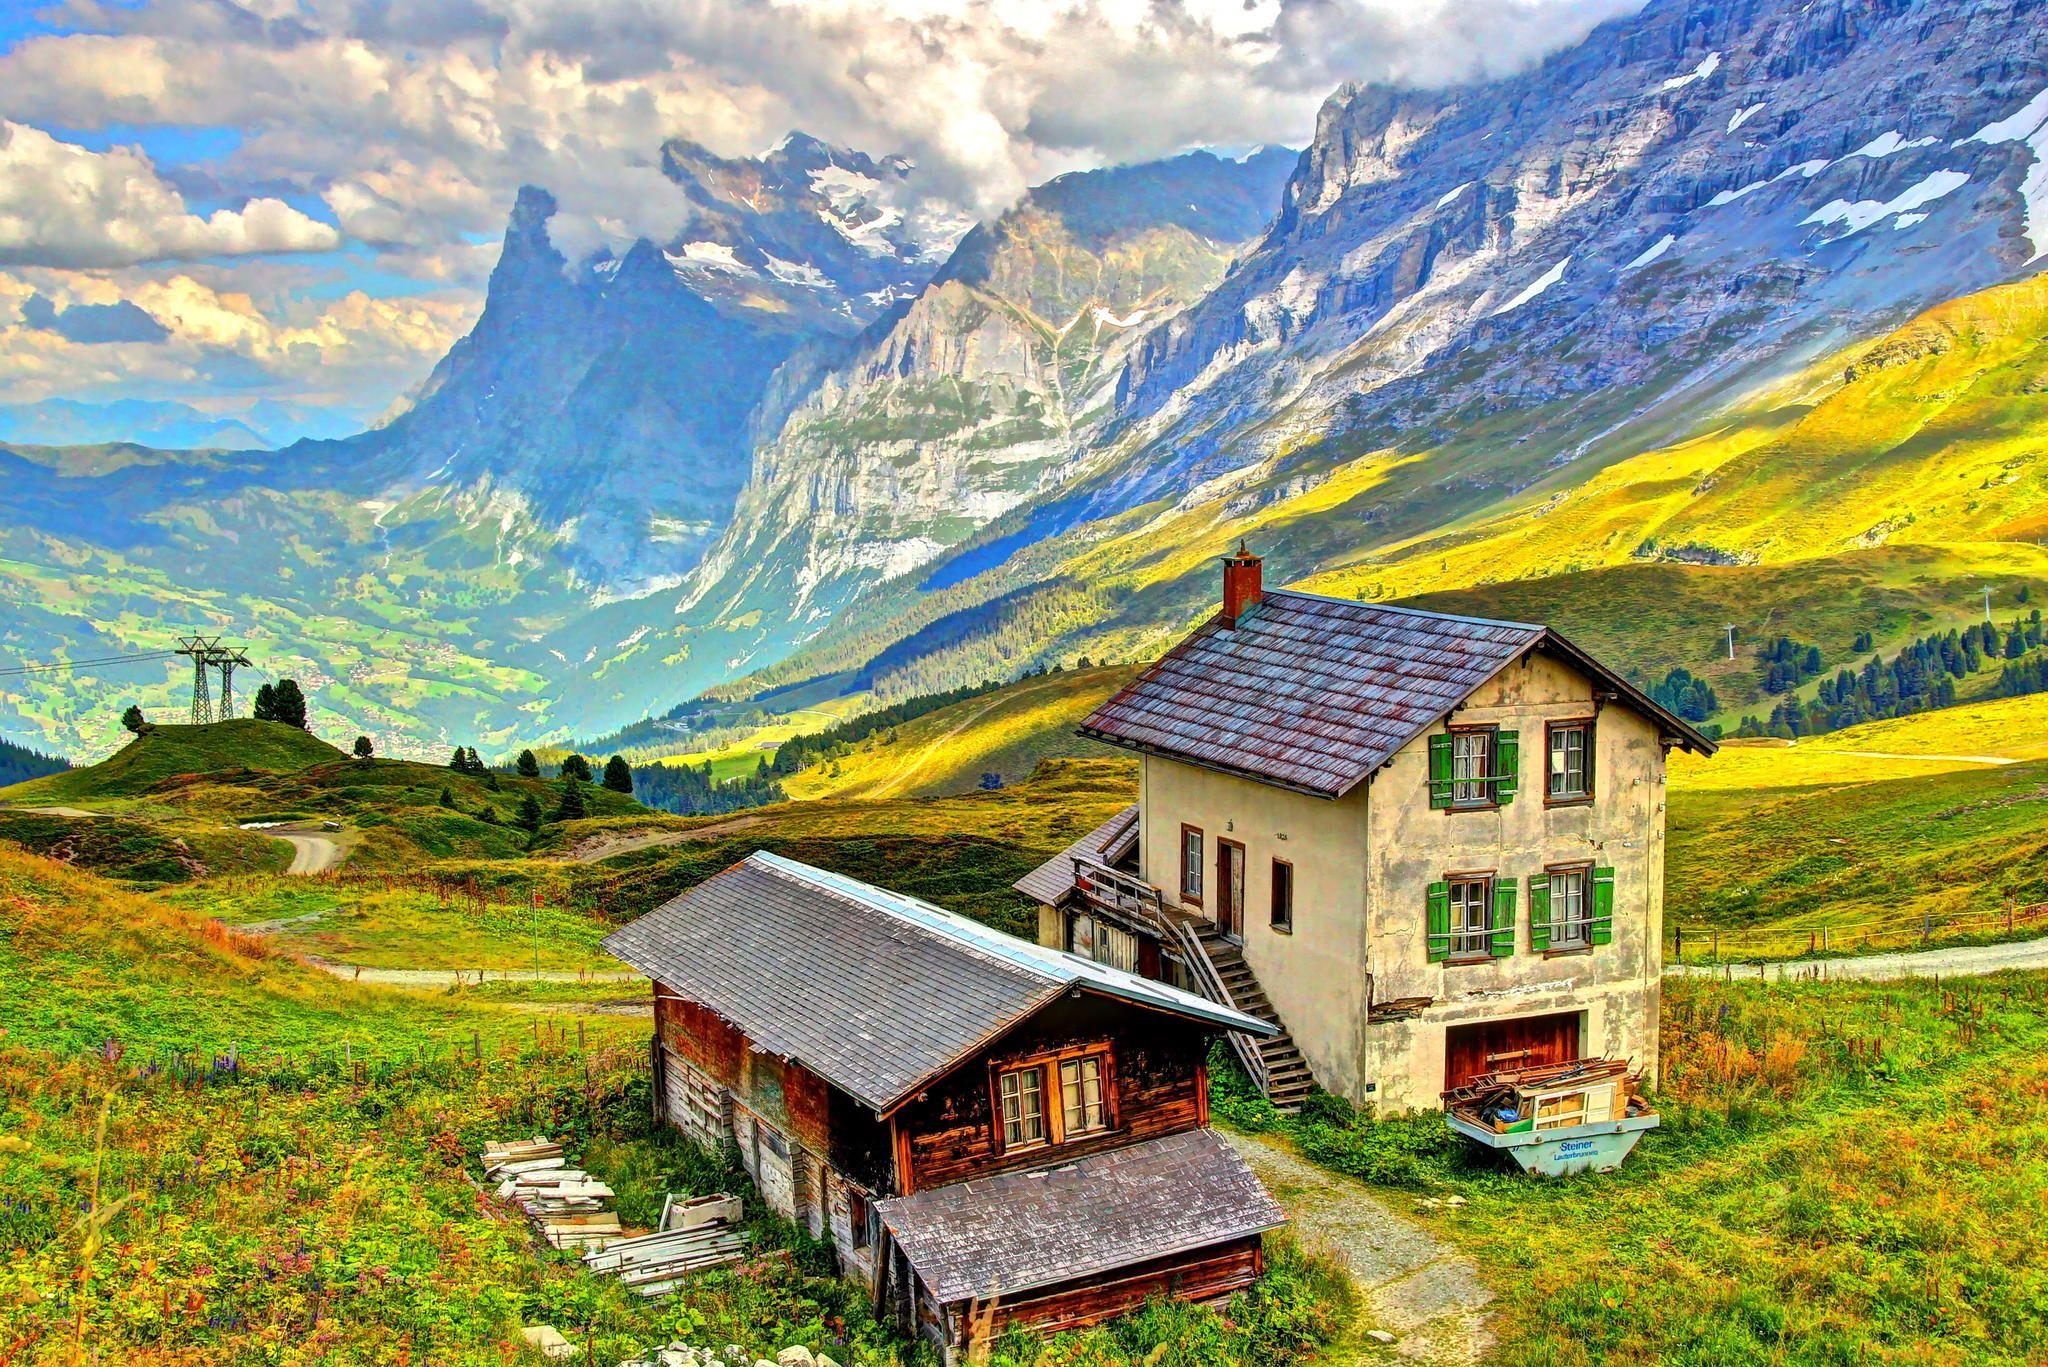 Photograph Kleine Scheidegg, Eiger Trail, Switzerland by Kevin Shingleton on 500px